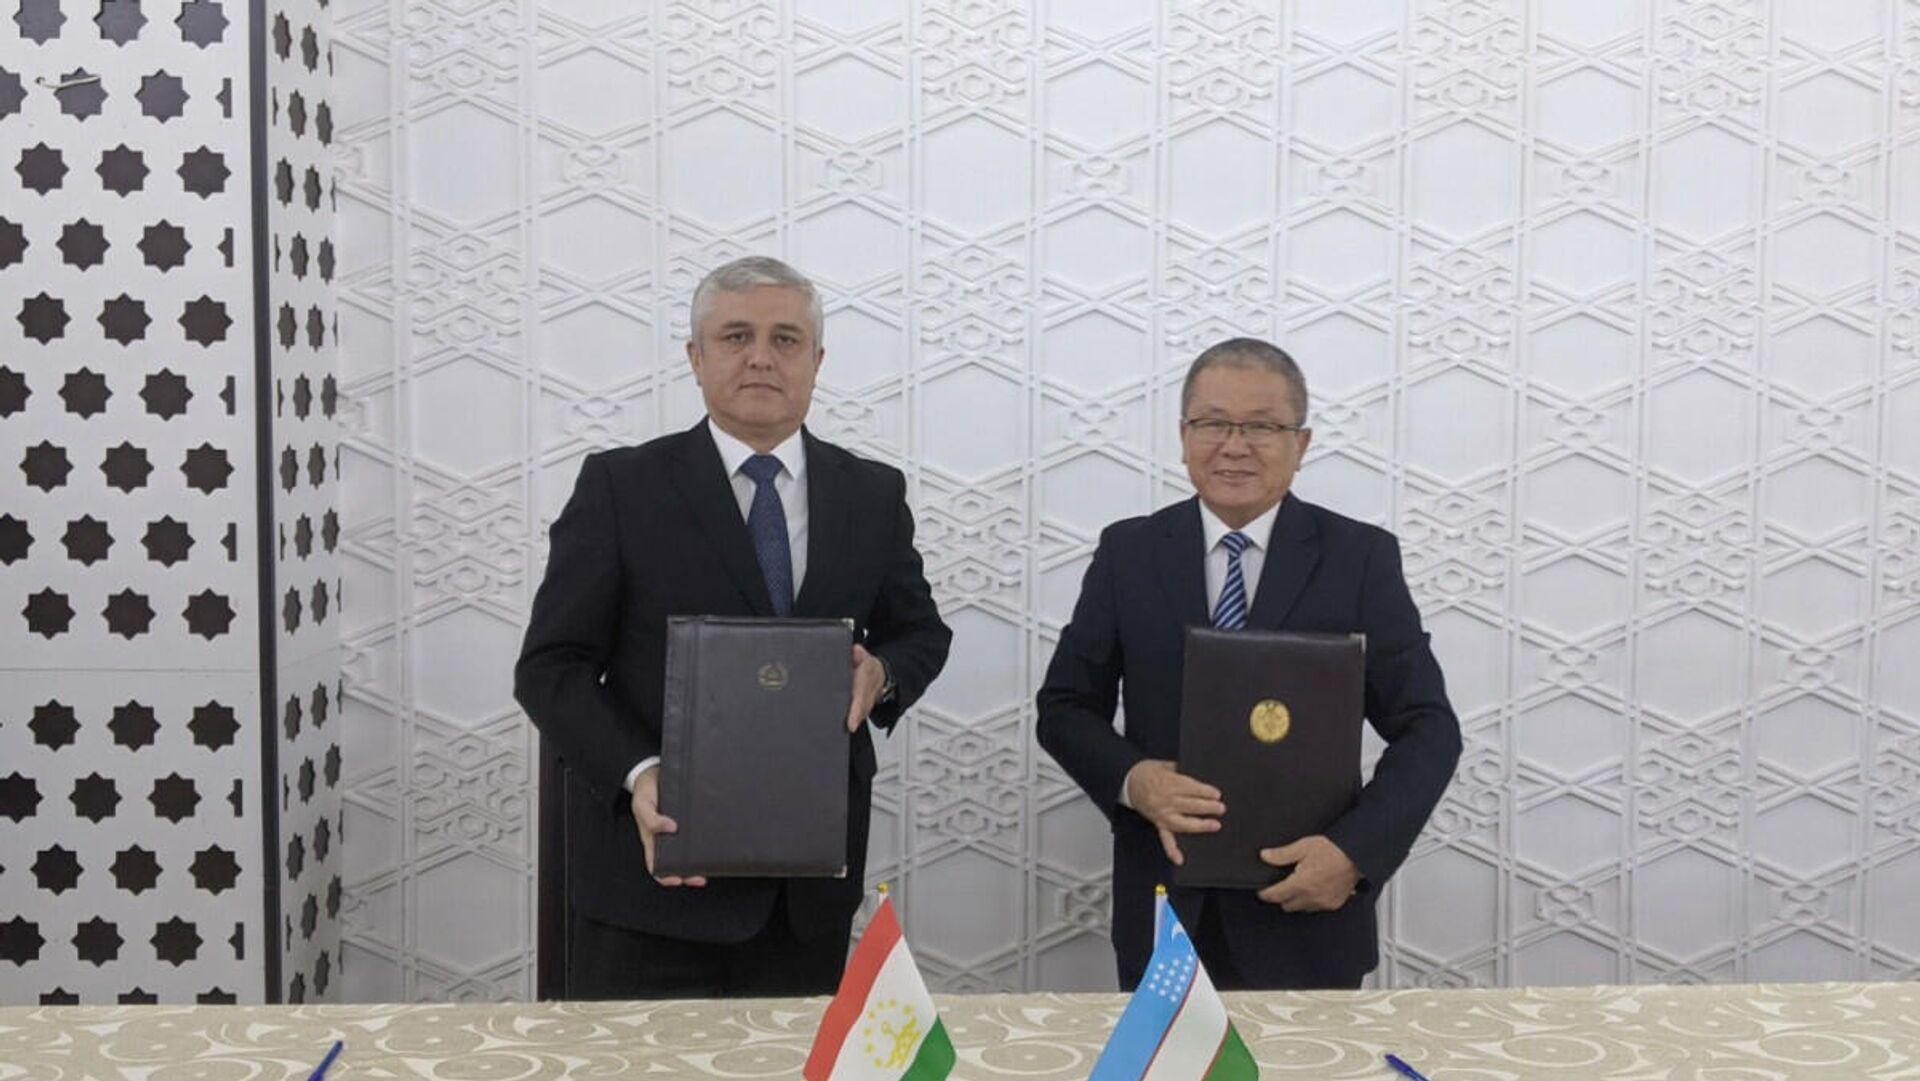 Встреча совместной таджикско-узбекской демаркационной комиссии в Самарканде - Sputnik Узбекистан, 1920, 28.09.2021